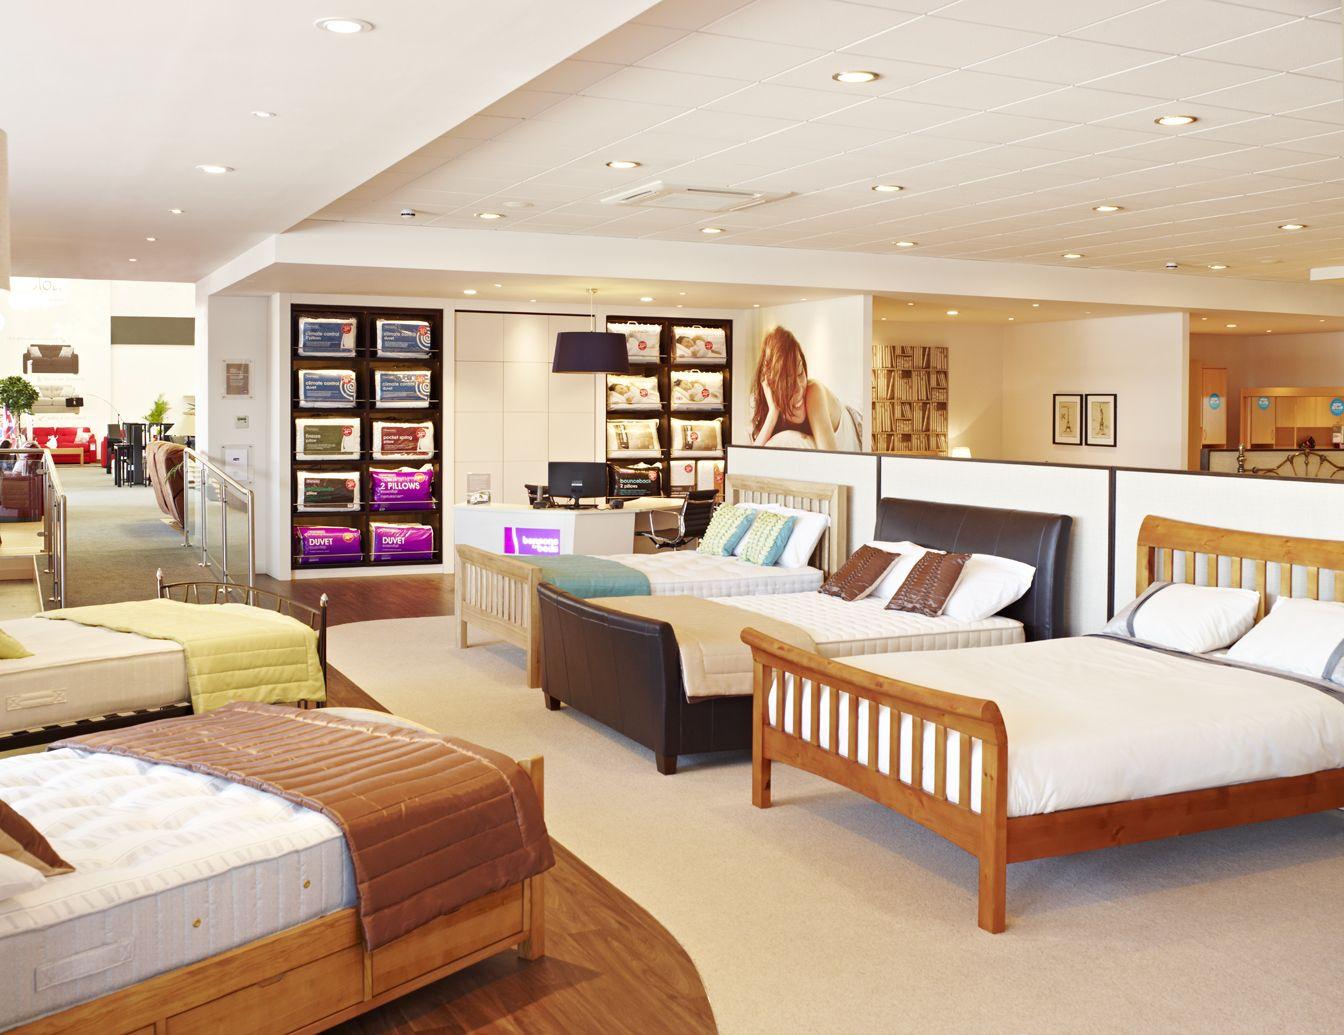 Rotherham Framed Beds Interior design, Benson for beds